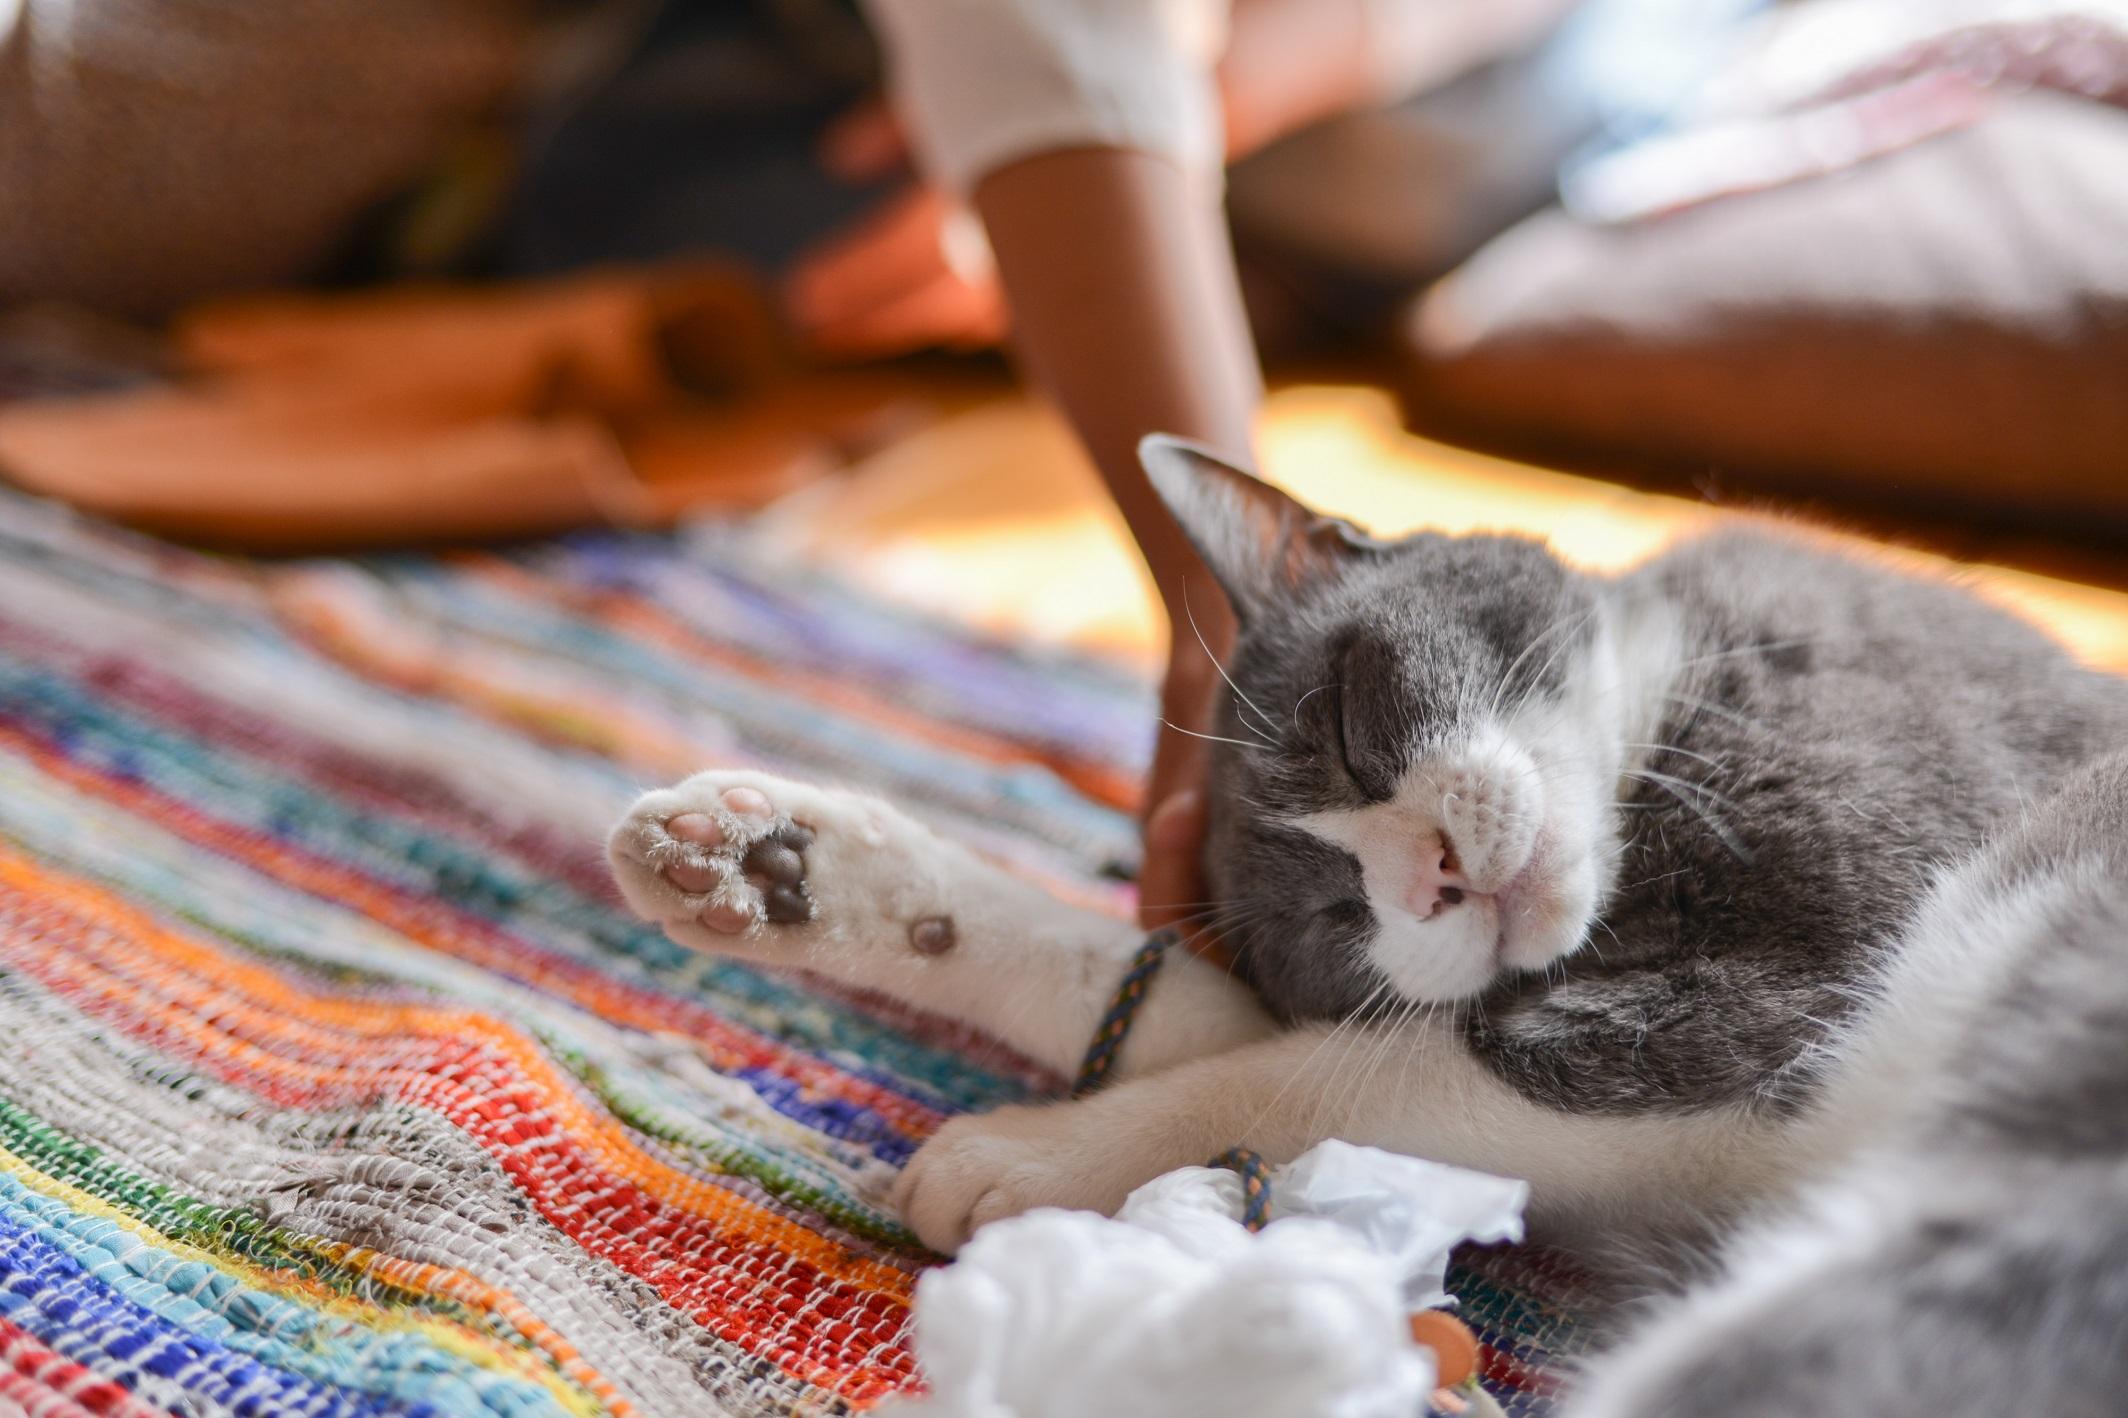 高橋さんに甘える猫のタビくん